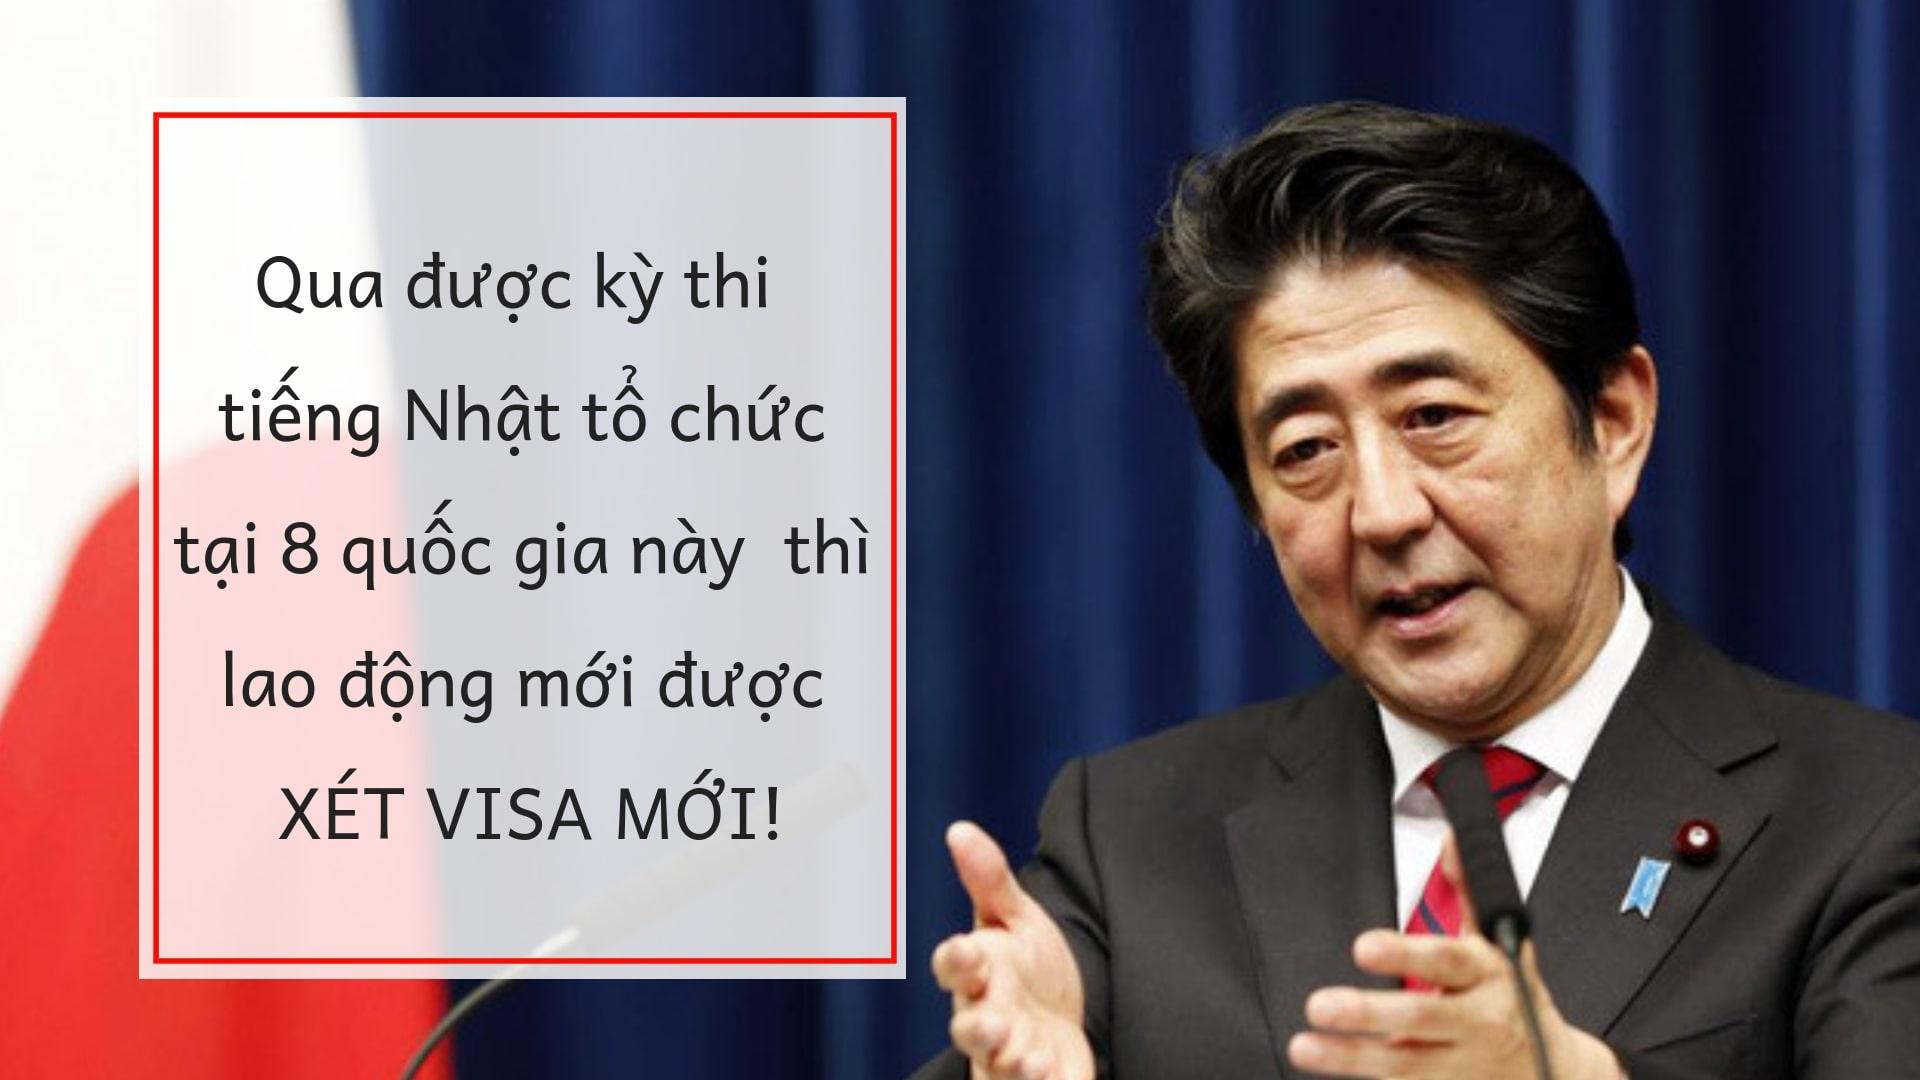 qua-duoc-ky-thi-duoc-to-chuc-tai-8-quoc-gia-vinh-tru-tai-nhat